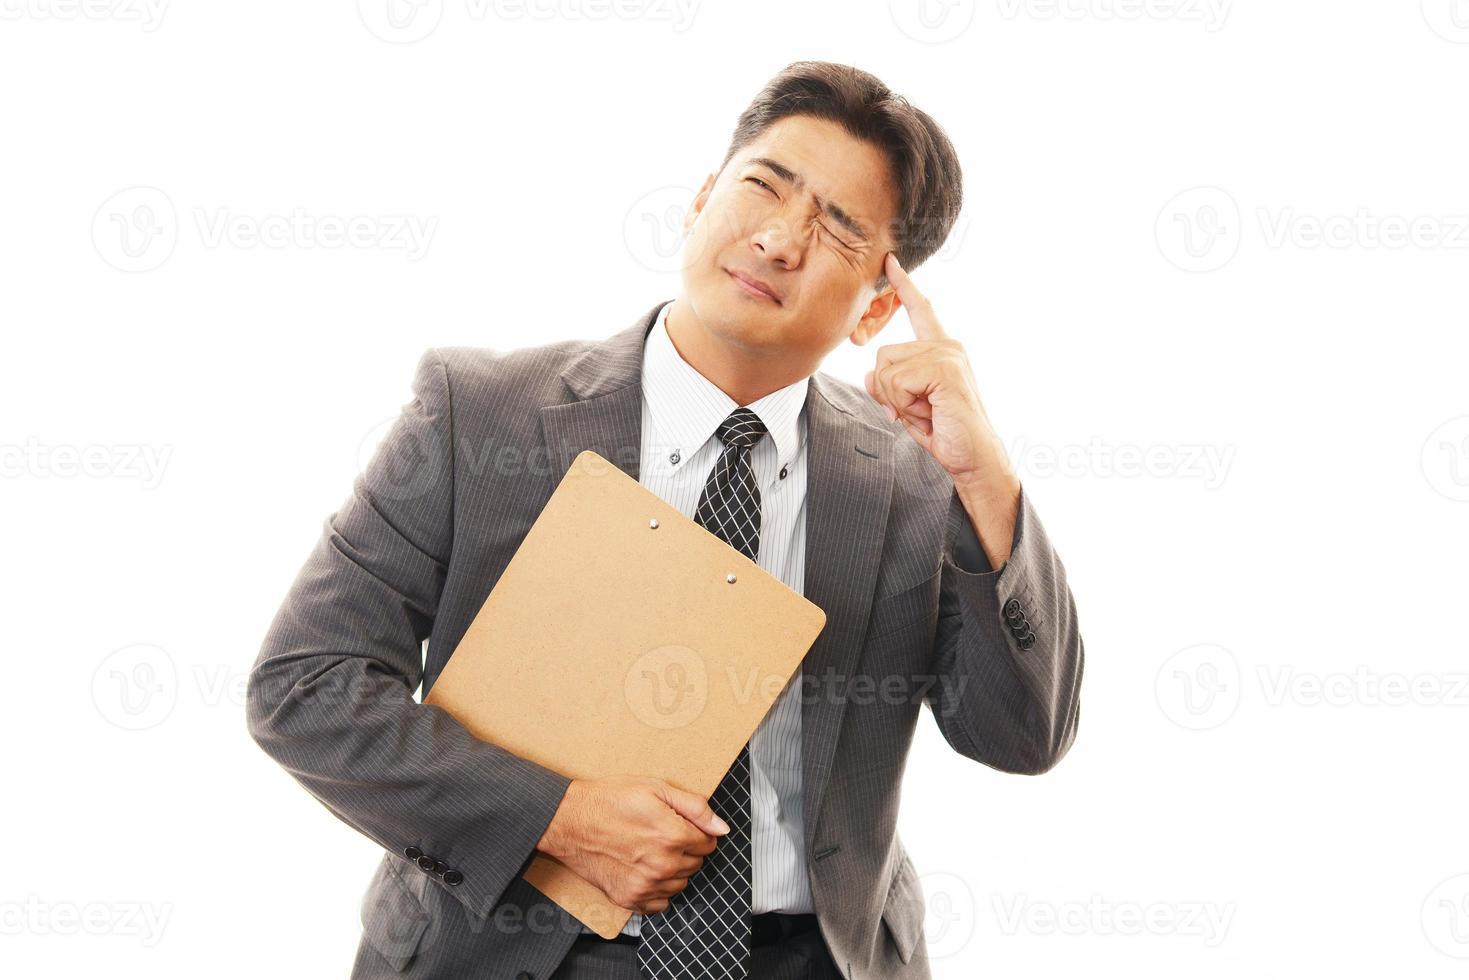 gefrustreerde zakenman foto